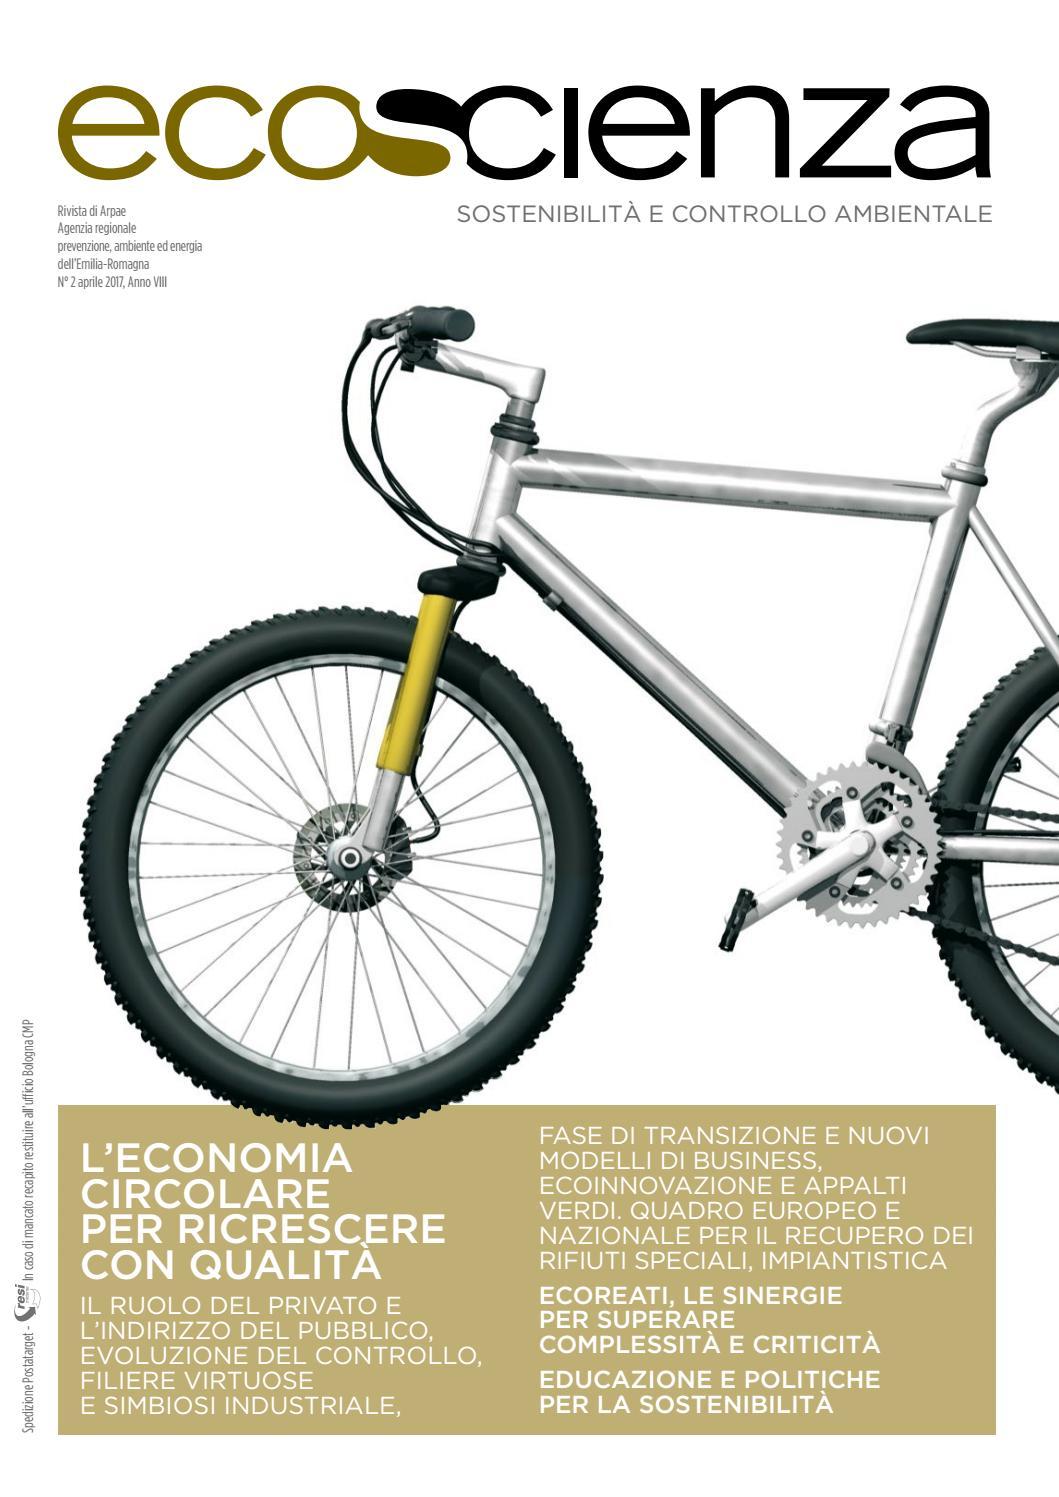 Ecoscienza 2 2017 by Ecoscienza - issuu 36d95ba676e4